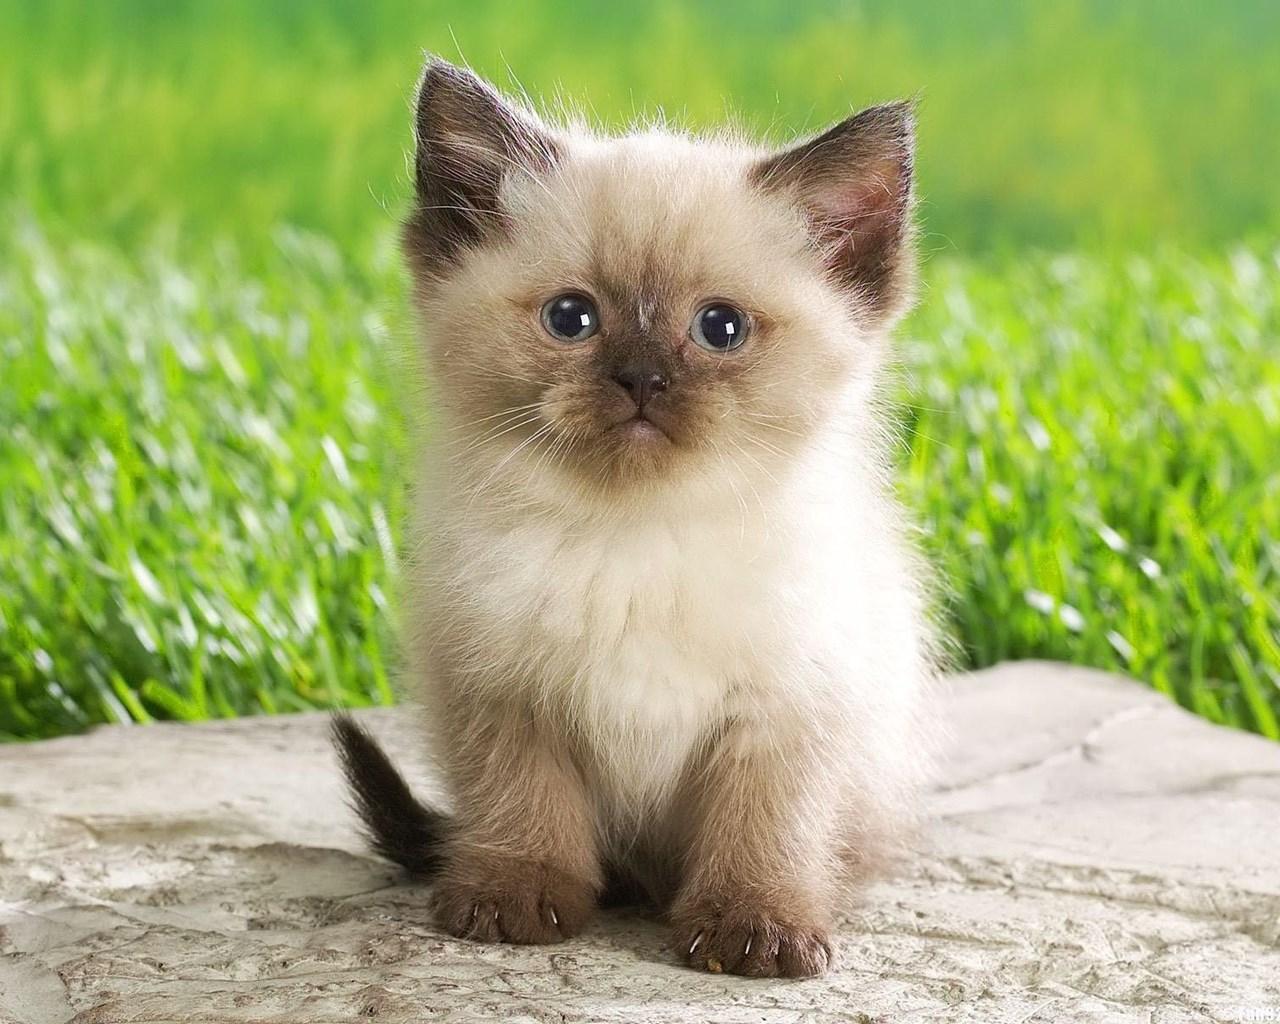 Cute kitten babies pets and small animals wallpaper.jpg Desktop Background